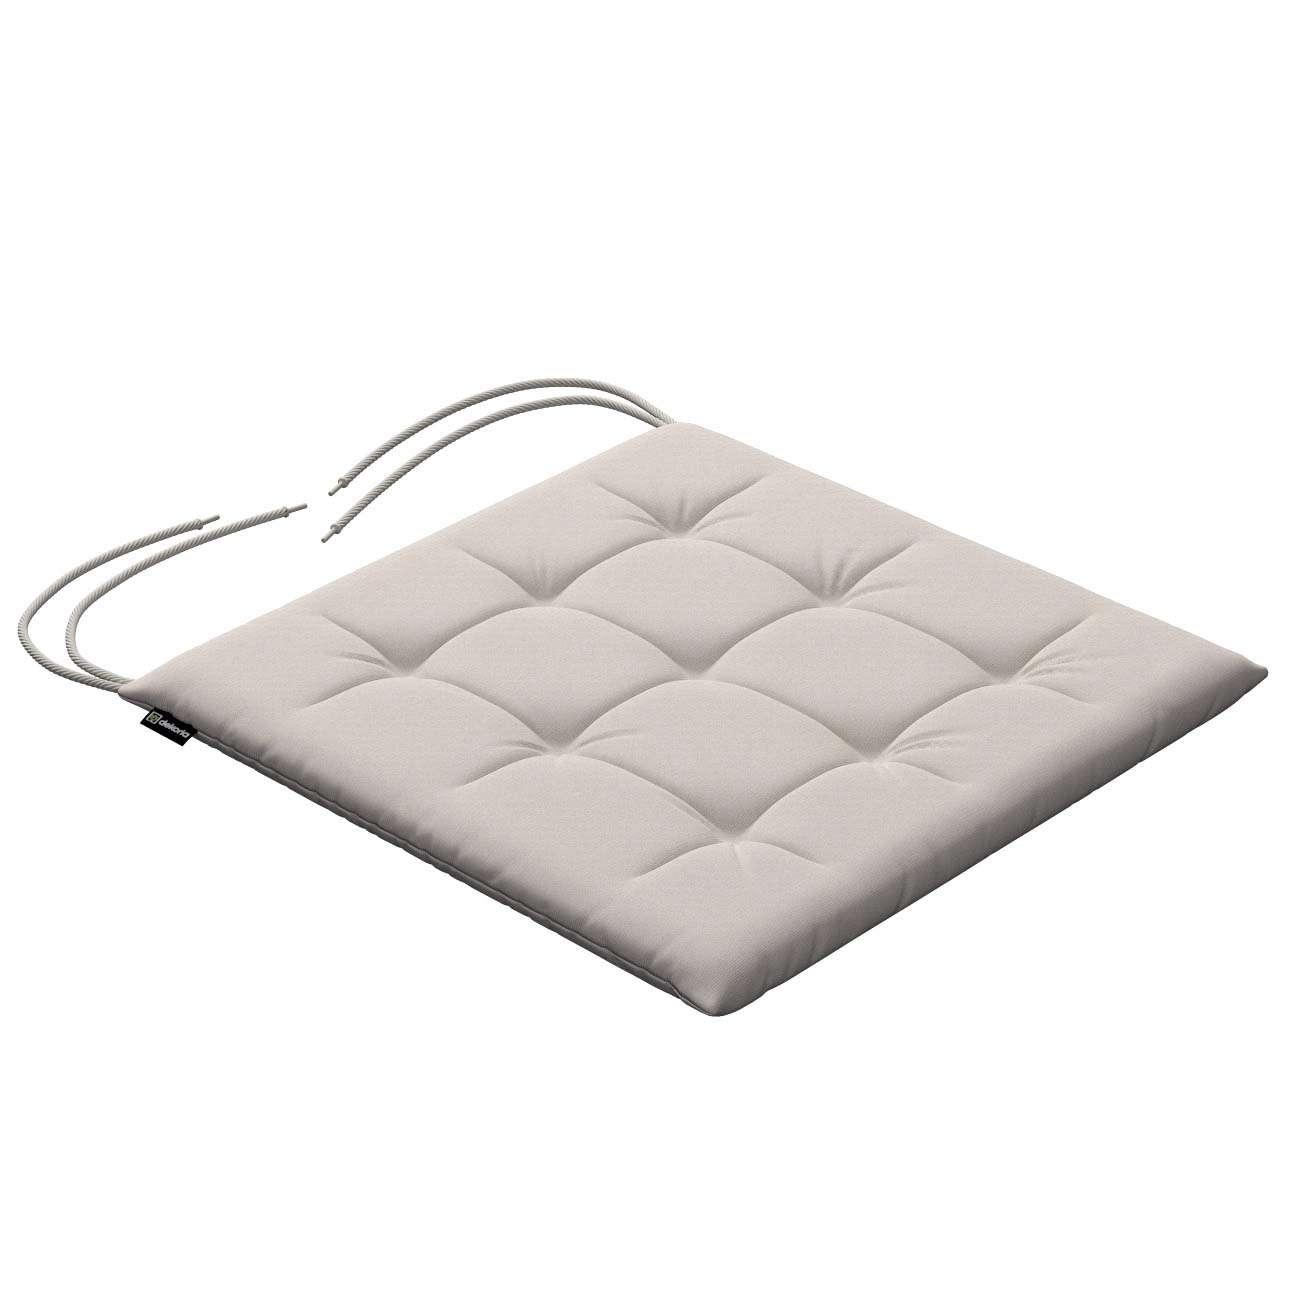 Kėdės pagalvėlė Karol  40 x 40 x 3,5 cm kolekcijoje Cotton Panama, audinys: 702-31